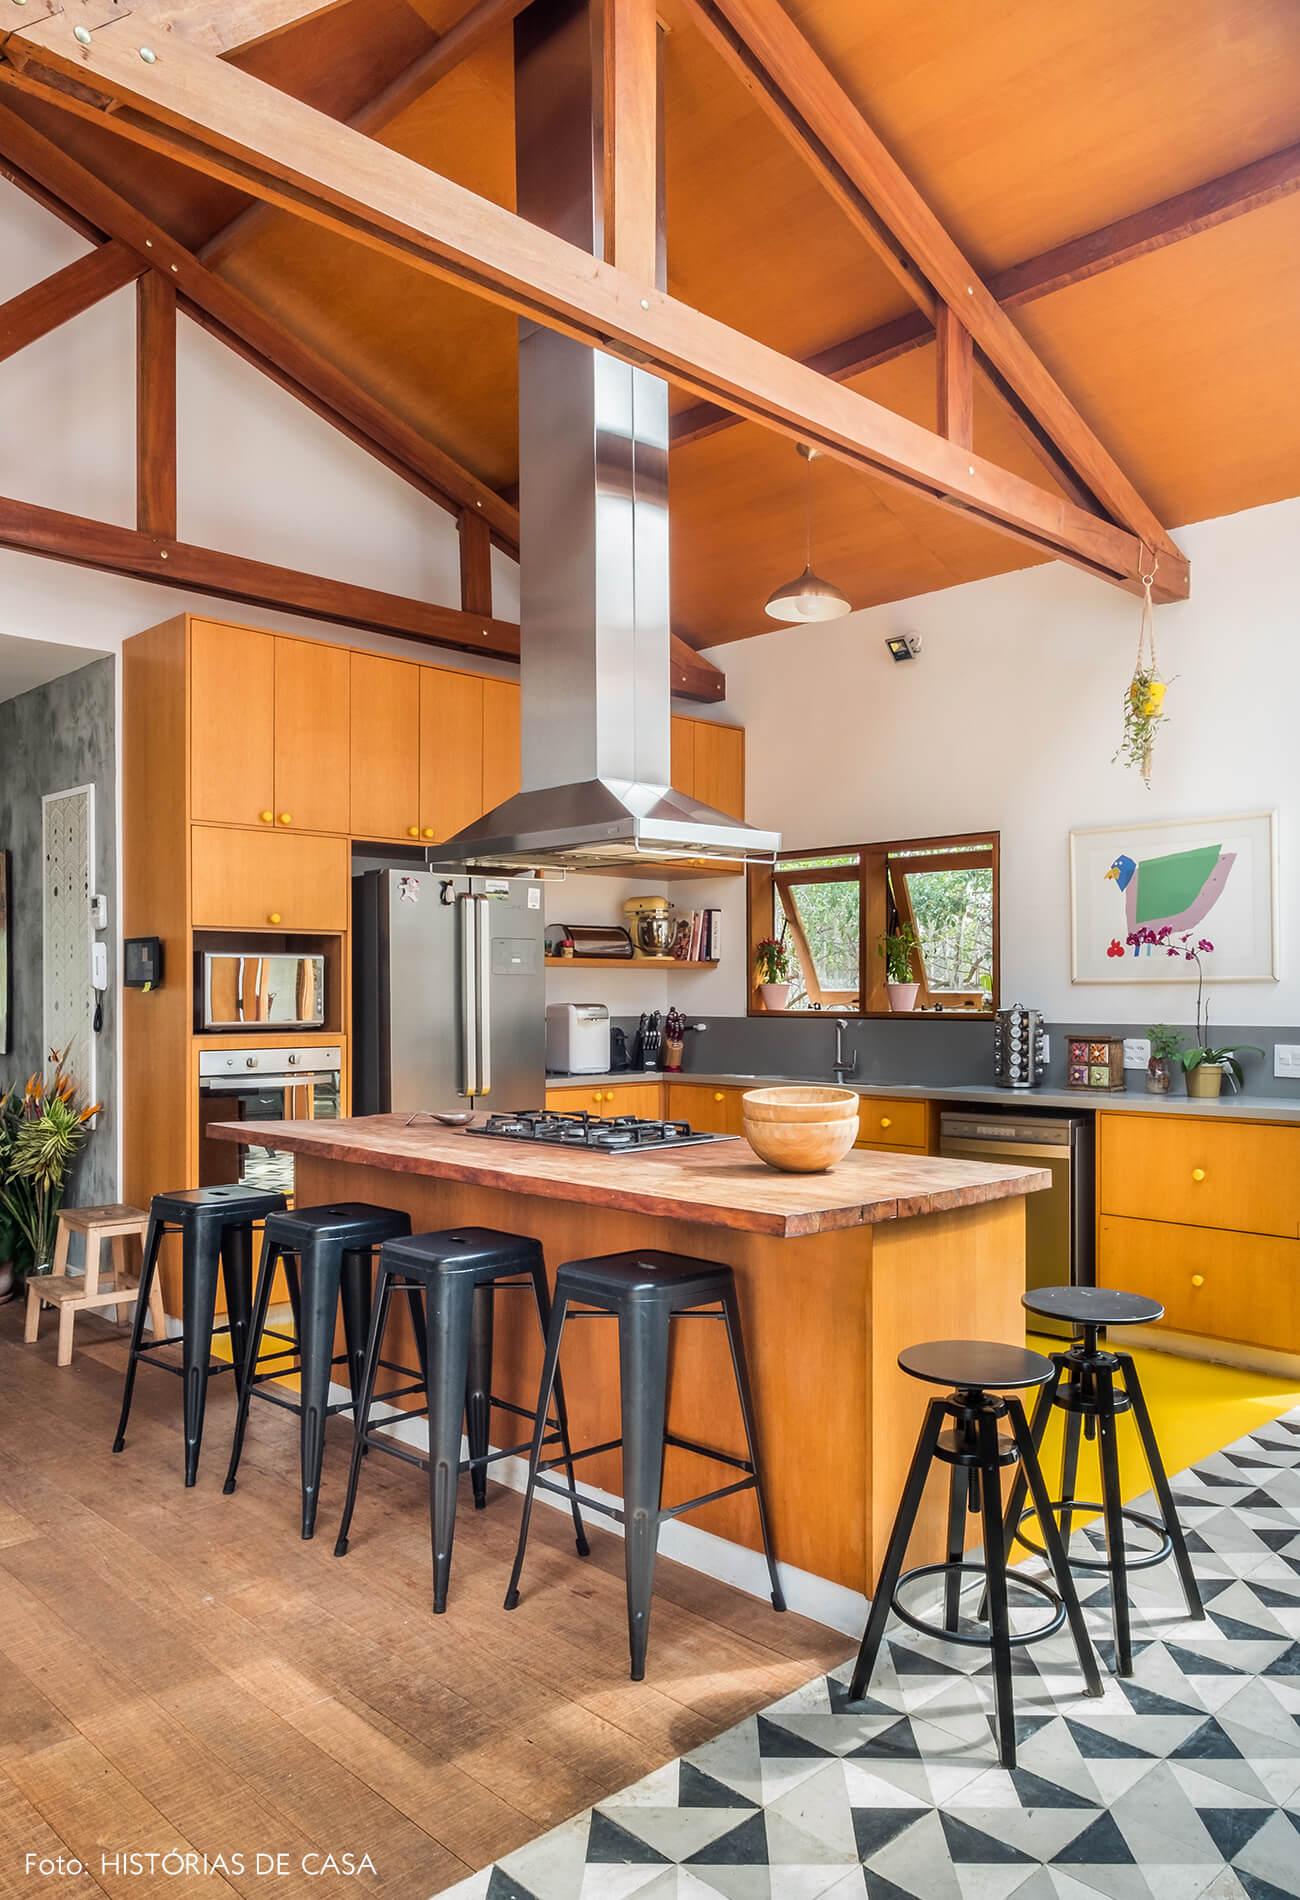 Cozinha com ilha central e faixa de ladrilhos hidráulicos no piso